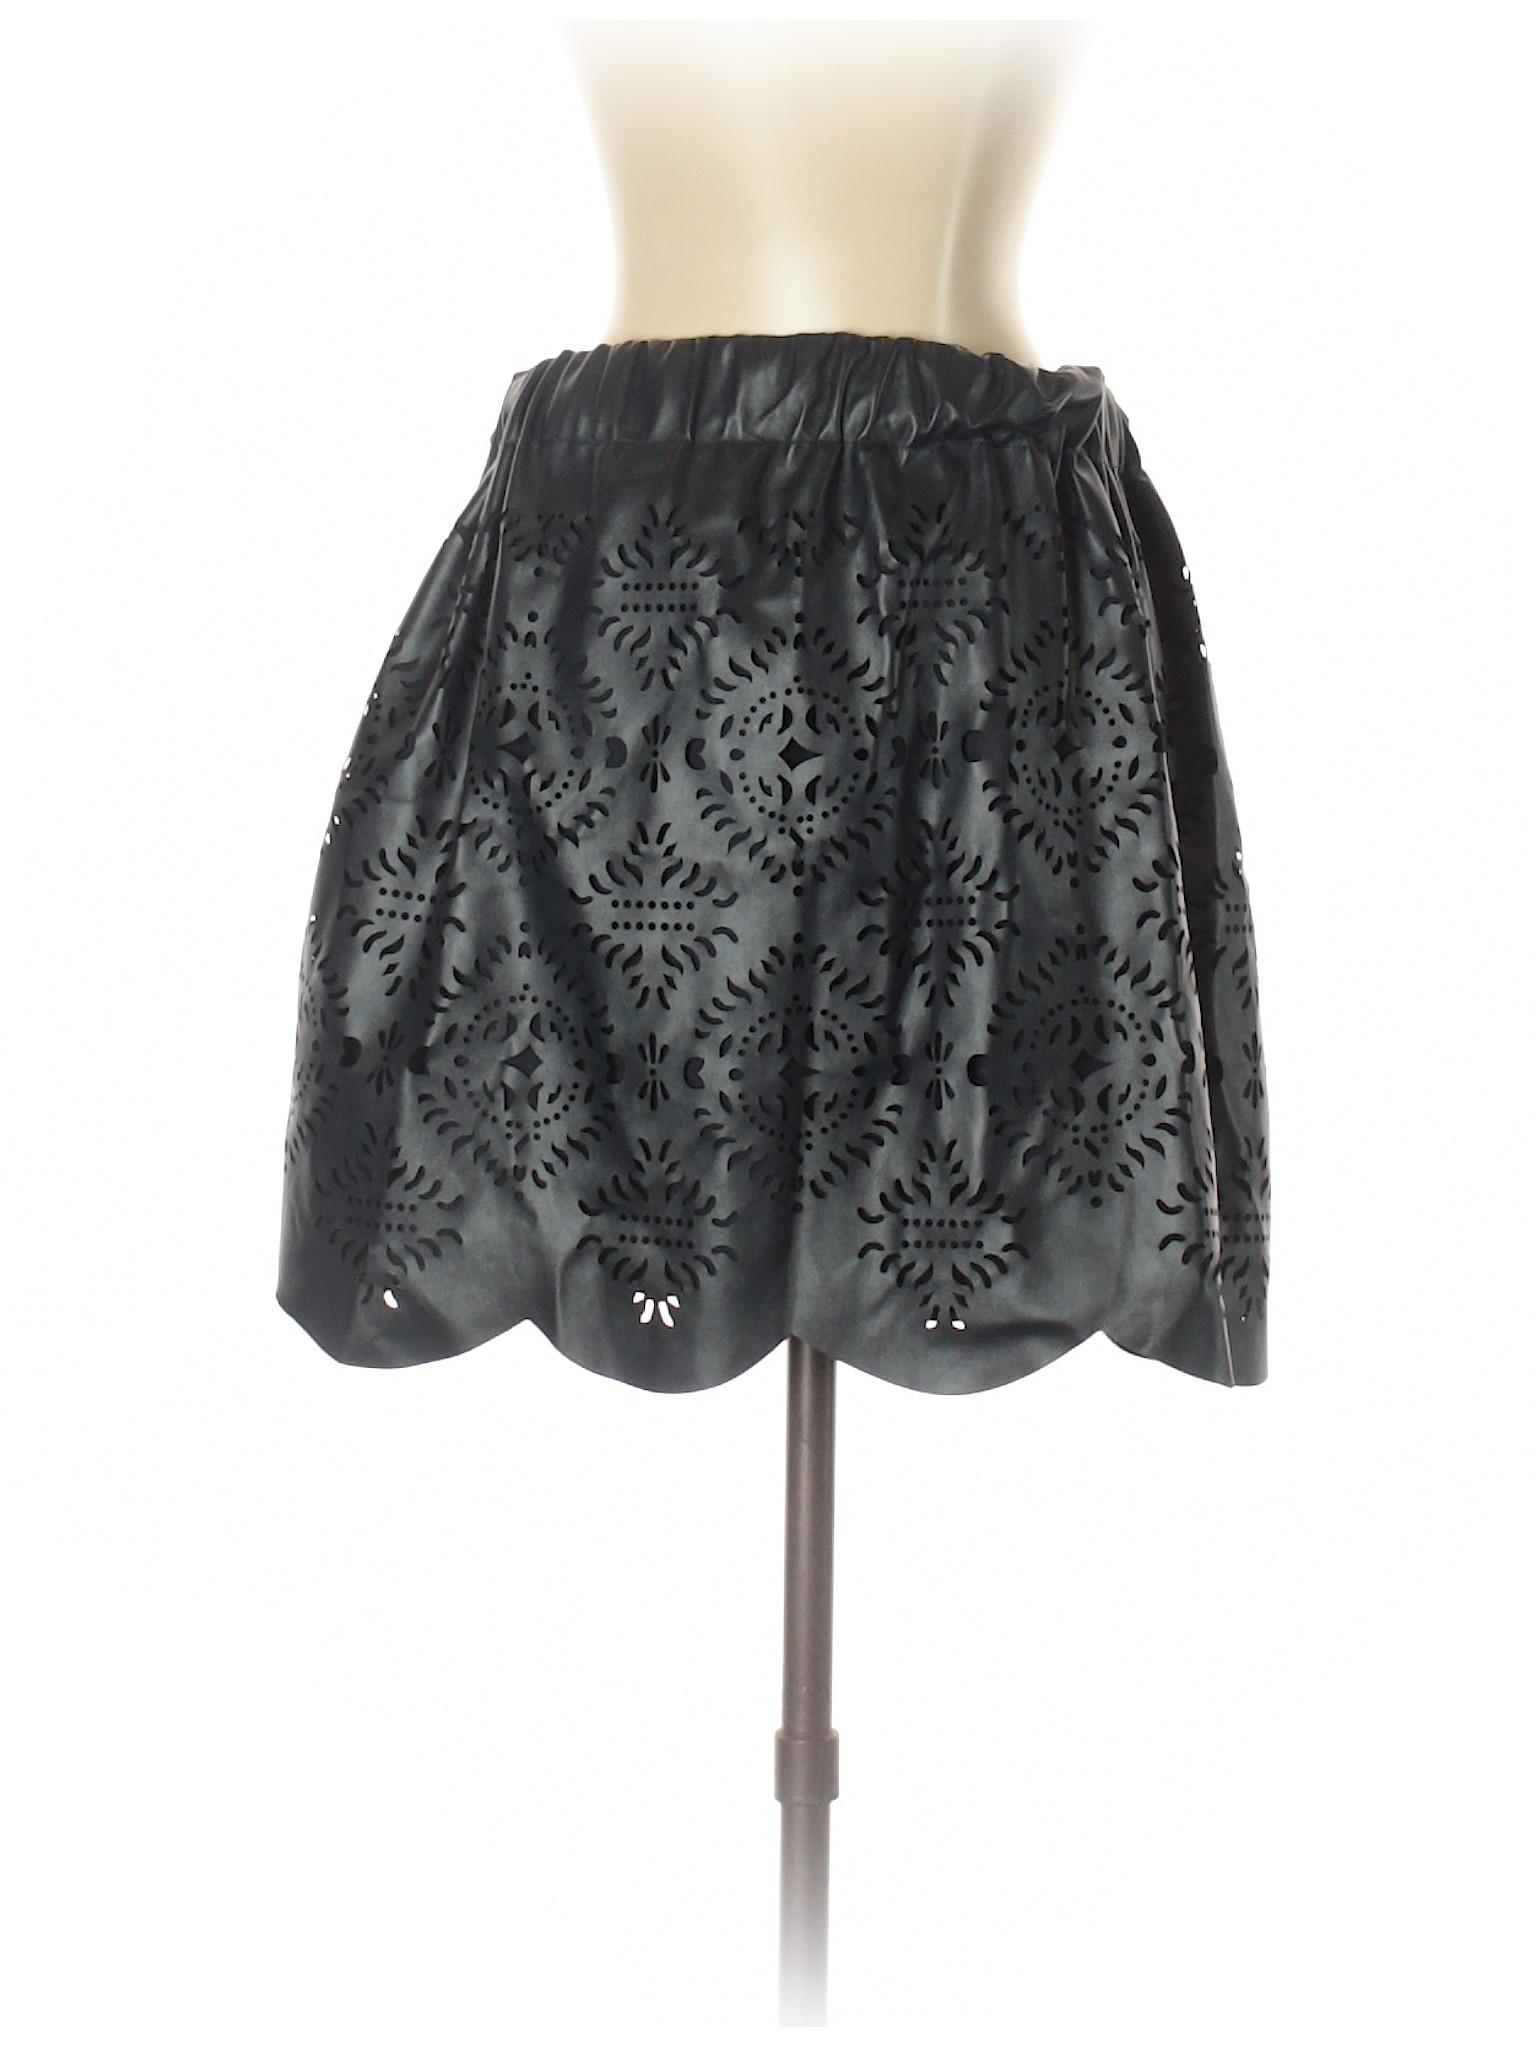 Leather Skirt Faux Faux Faux Piperlime Boutique Boutique Leather Piperlime Piperlime Leather Skirt Boutique 6qwHPZ